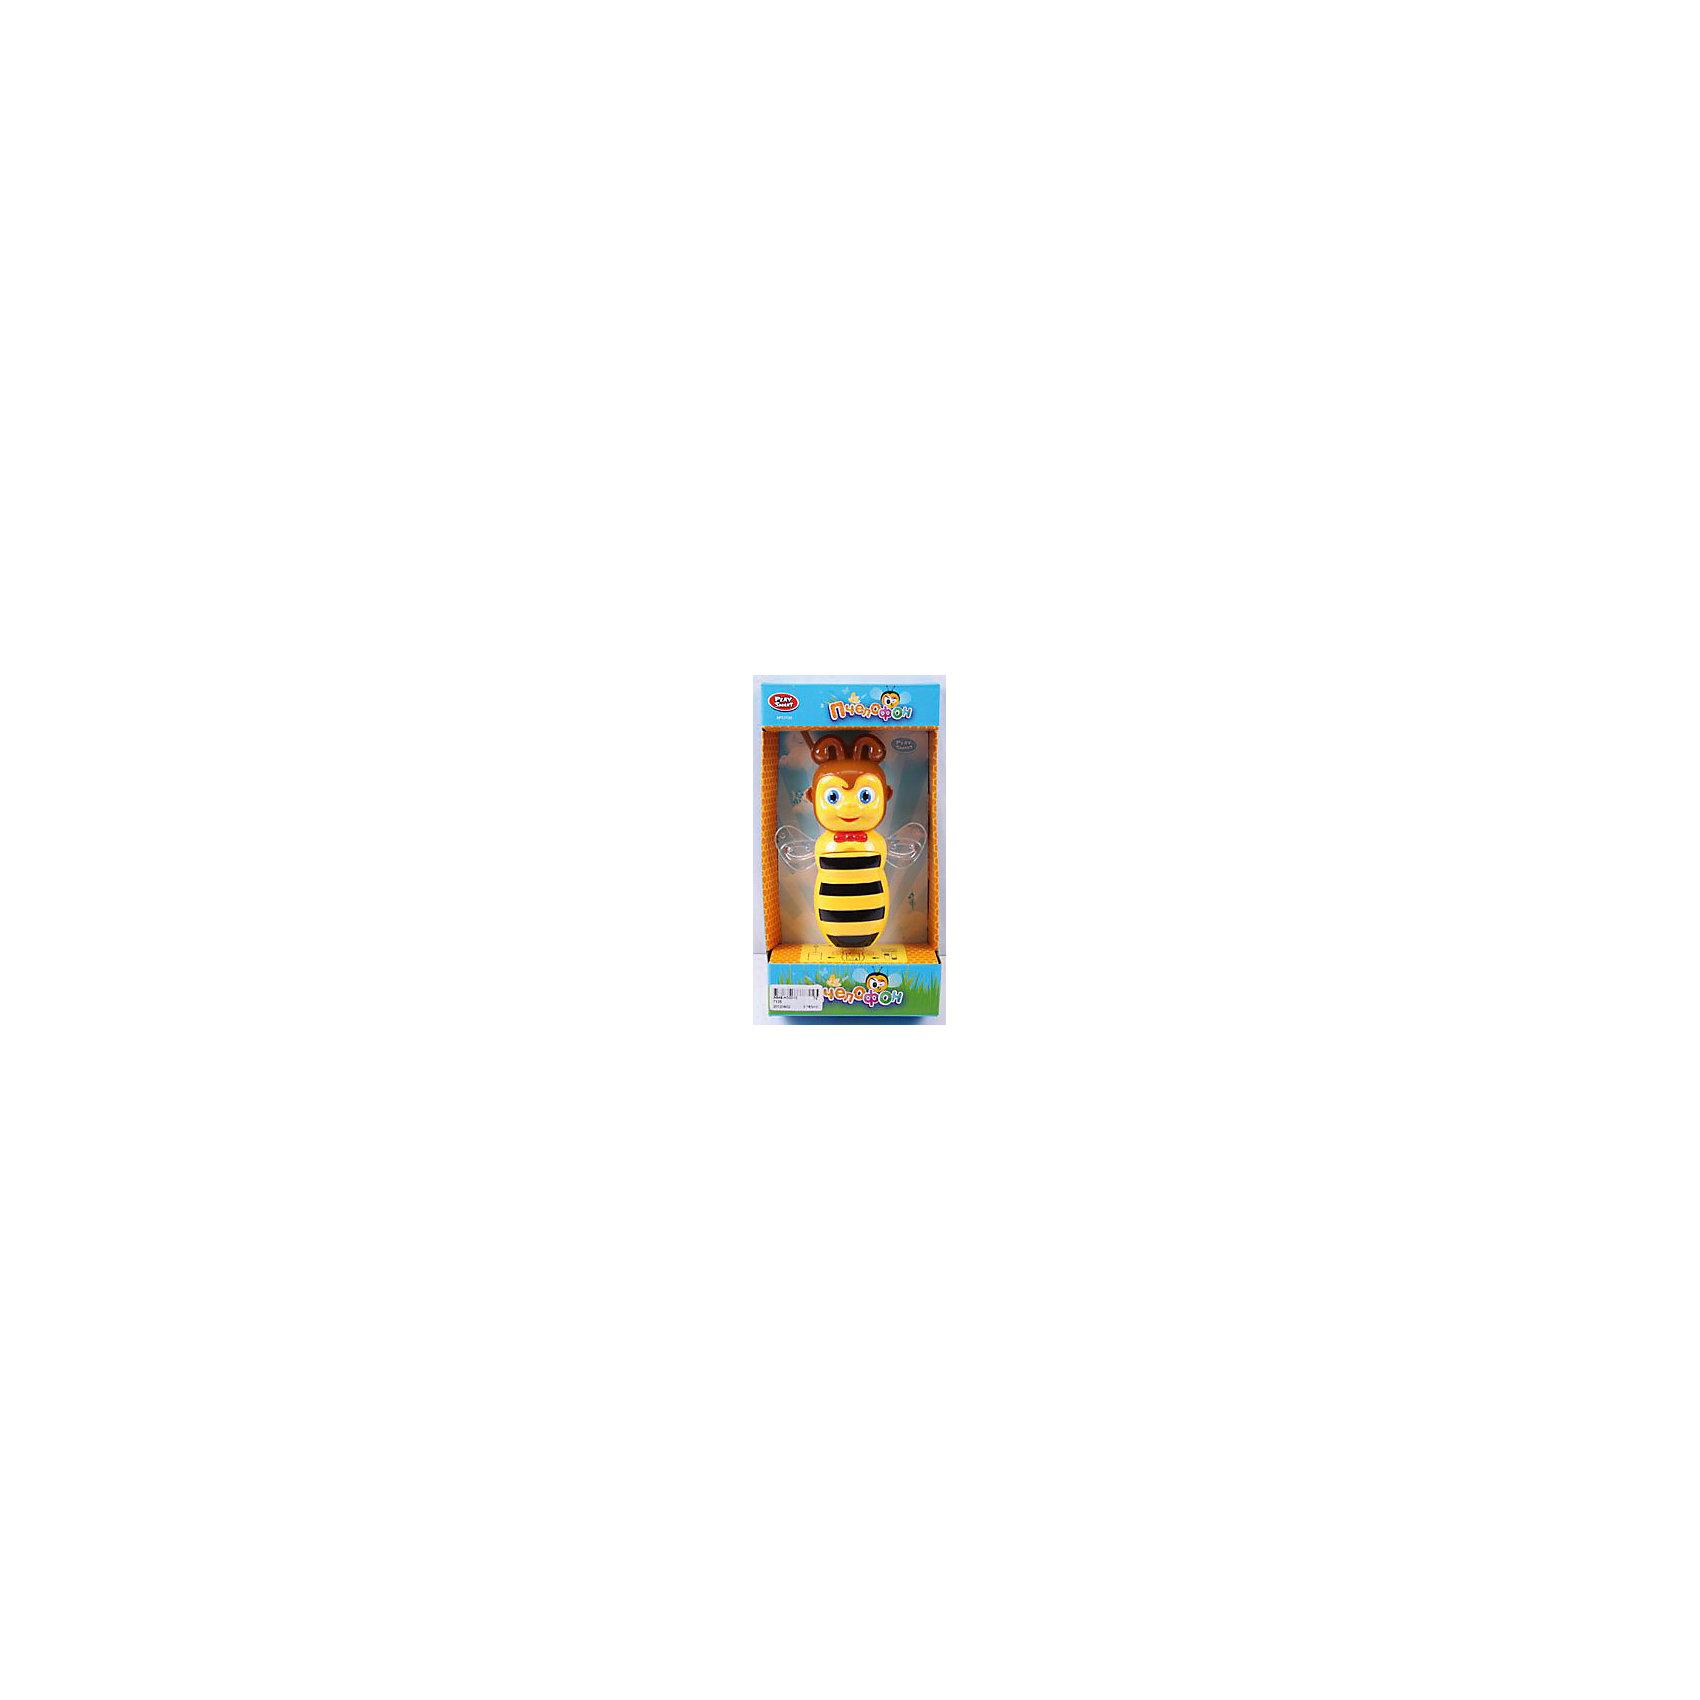 Развивающий телефон Пчелофон, Play SmartМузыкальные инструменты и игрушки<br>Телефон развивающий Пчелофон 25*13*6 см<br><br>Ширина мм: 260<br>Глубина мм: 130<br>Высота мм: 60<br>Вес г: 234<br>Возраст от месяцев: 36<br>Возраст до месяцев: 72<br>Пол: Унисекс<br>Возраст: Детский<br>SKU: 4642009